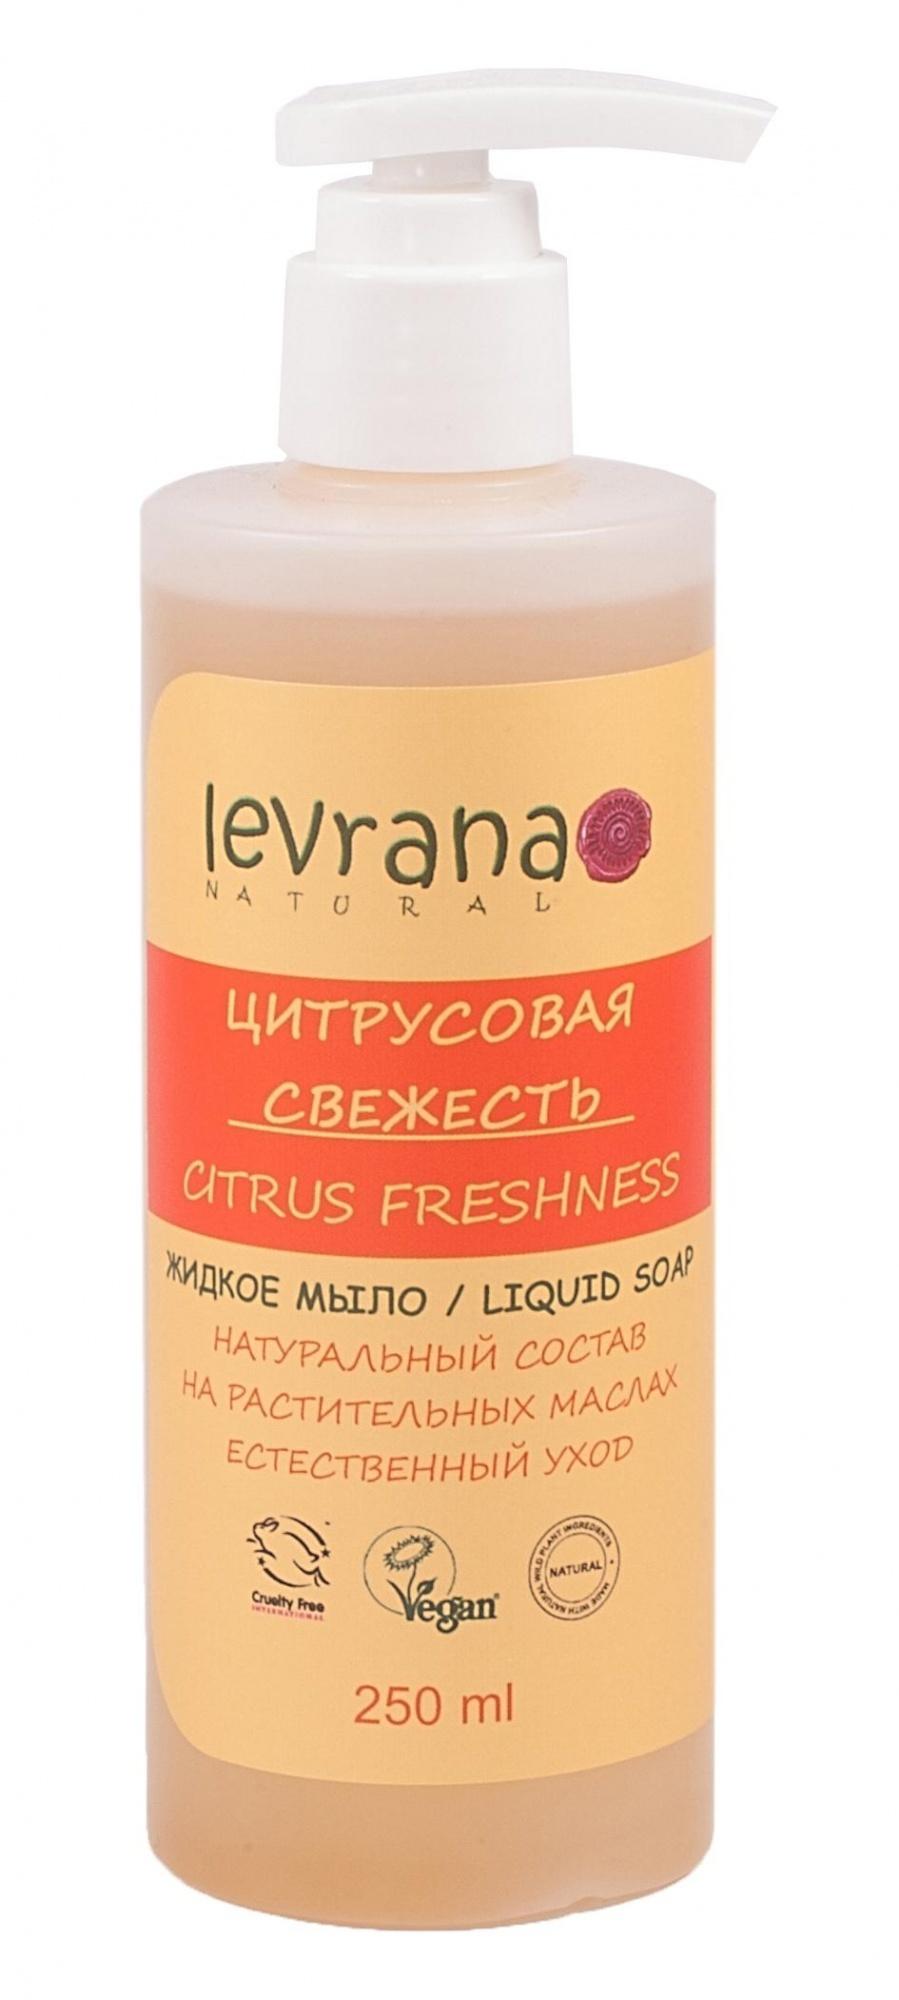 Жидкое мыло Цитрусовая свежесть, 250мл